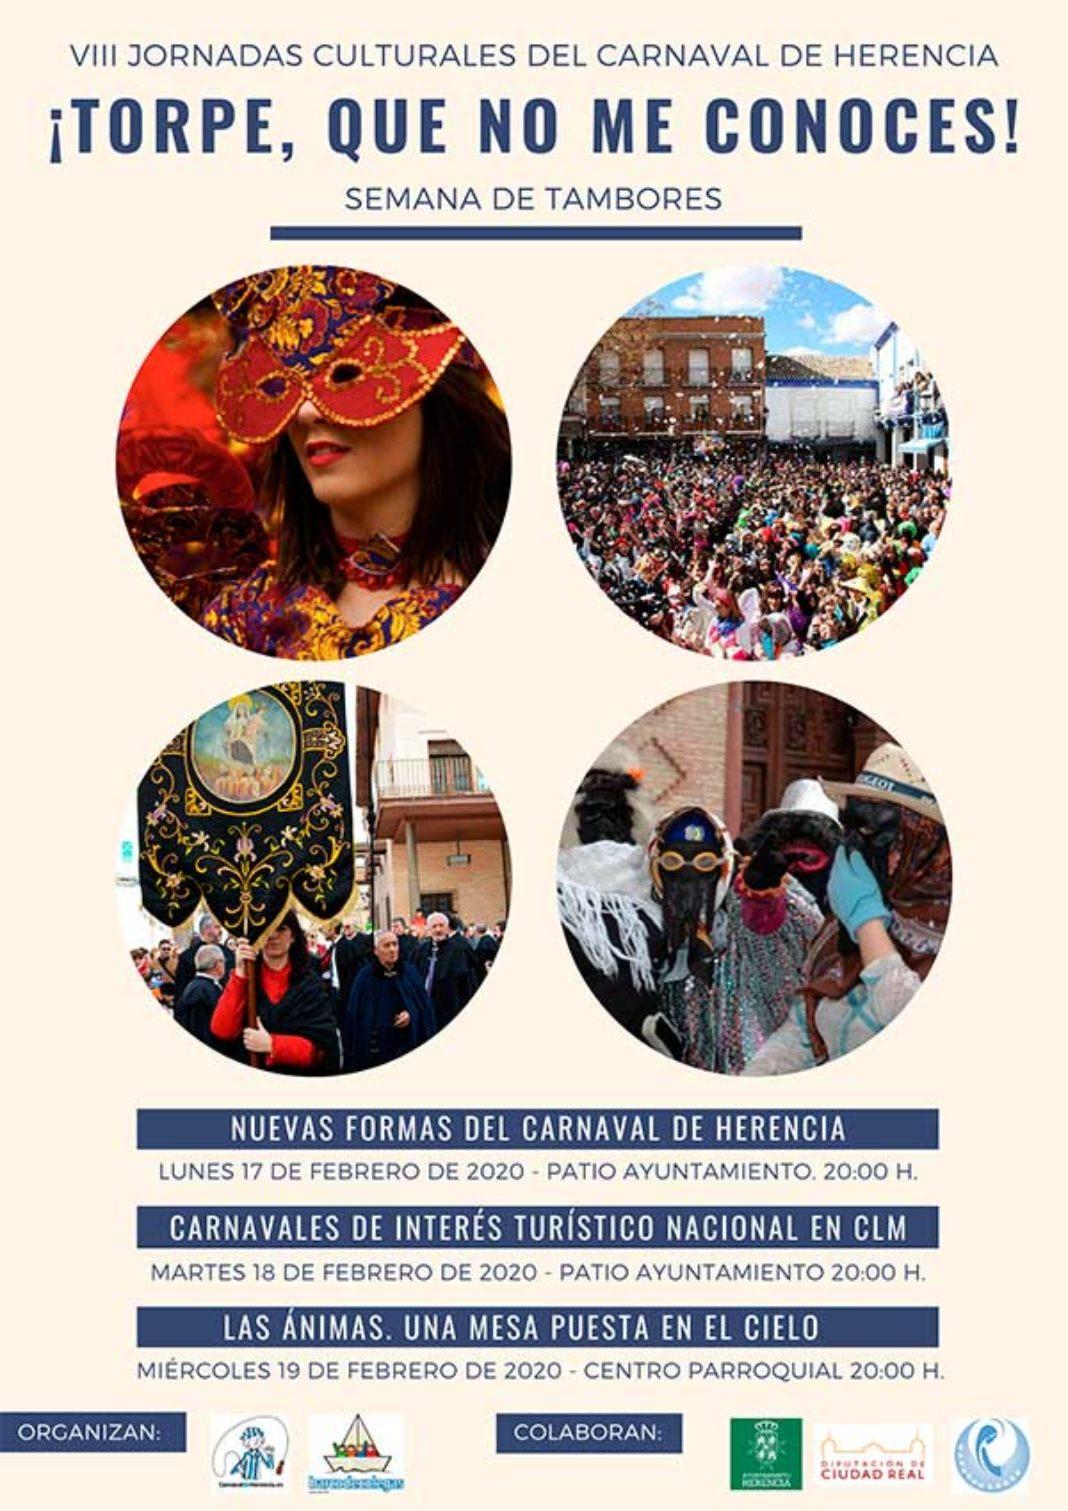 """VIII Jornadas Culturales Carnaval 2020 1068x1511 - VIII Jornadas Culturales del Carnaval de Herencia """"Torpe, que no me conoces"""""""